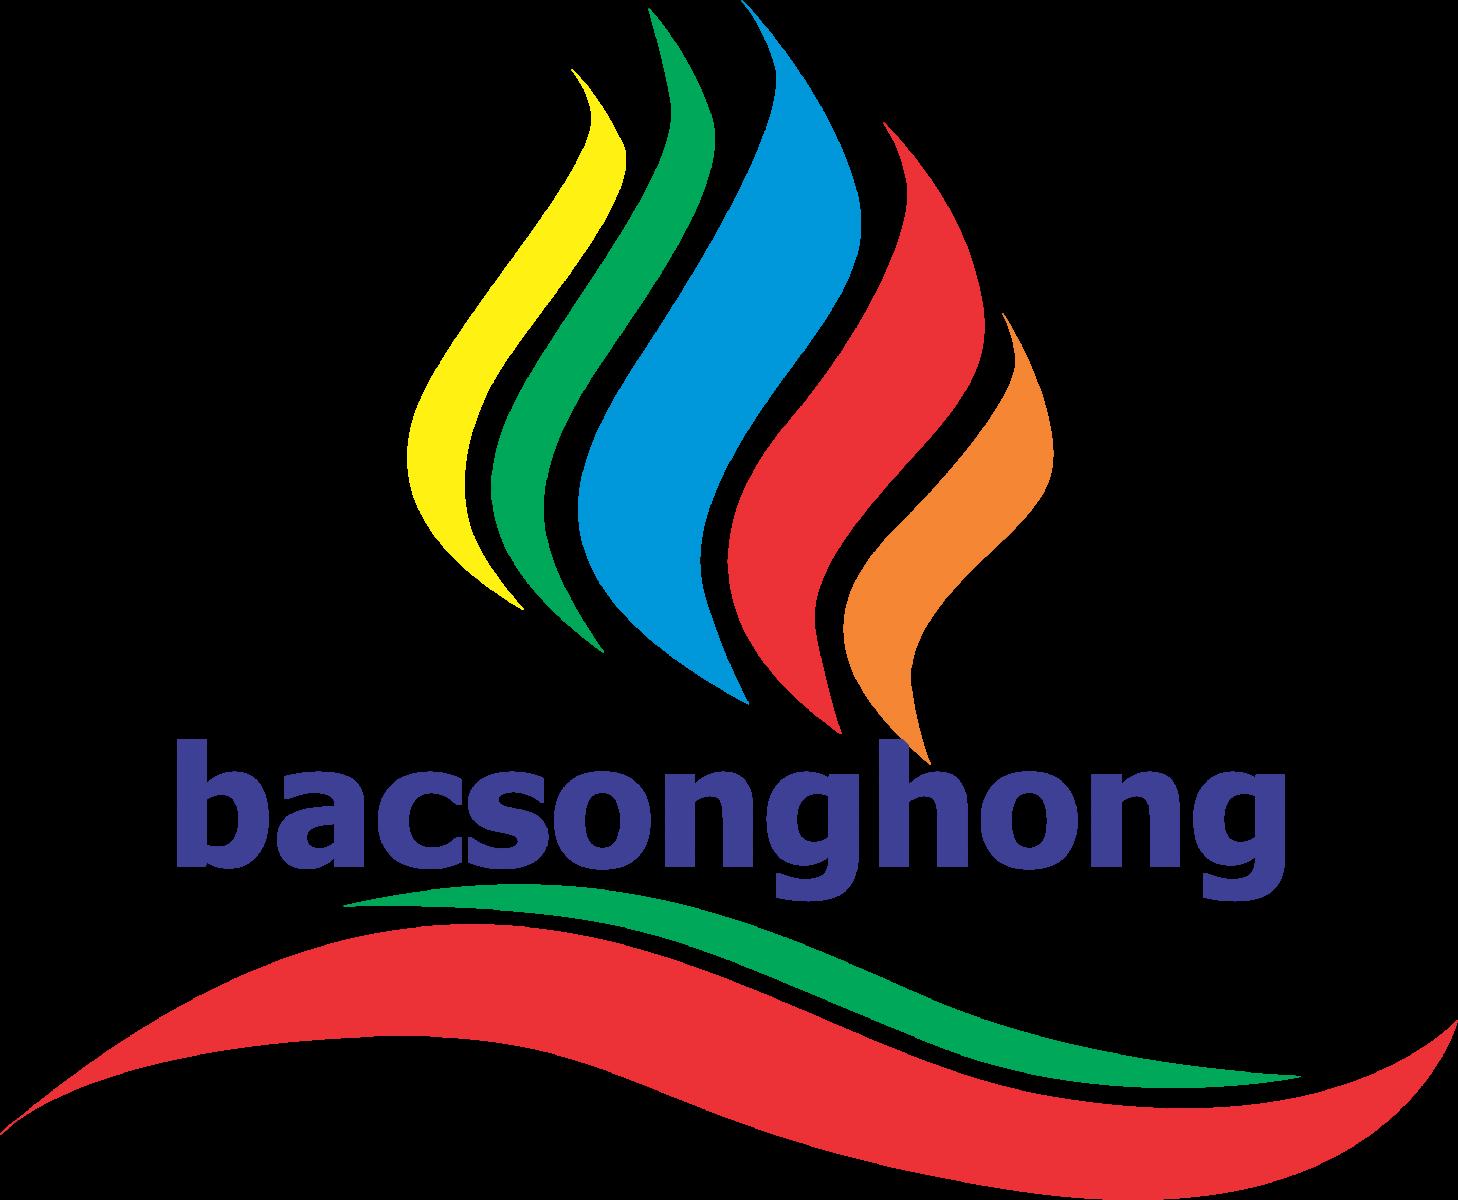 Logobatdongsanbacsonghong